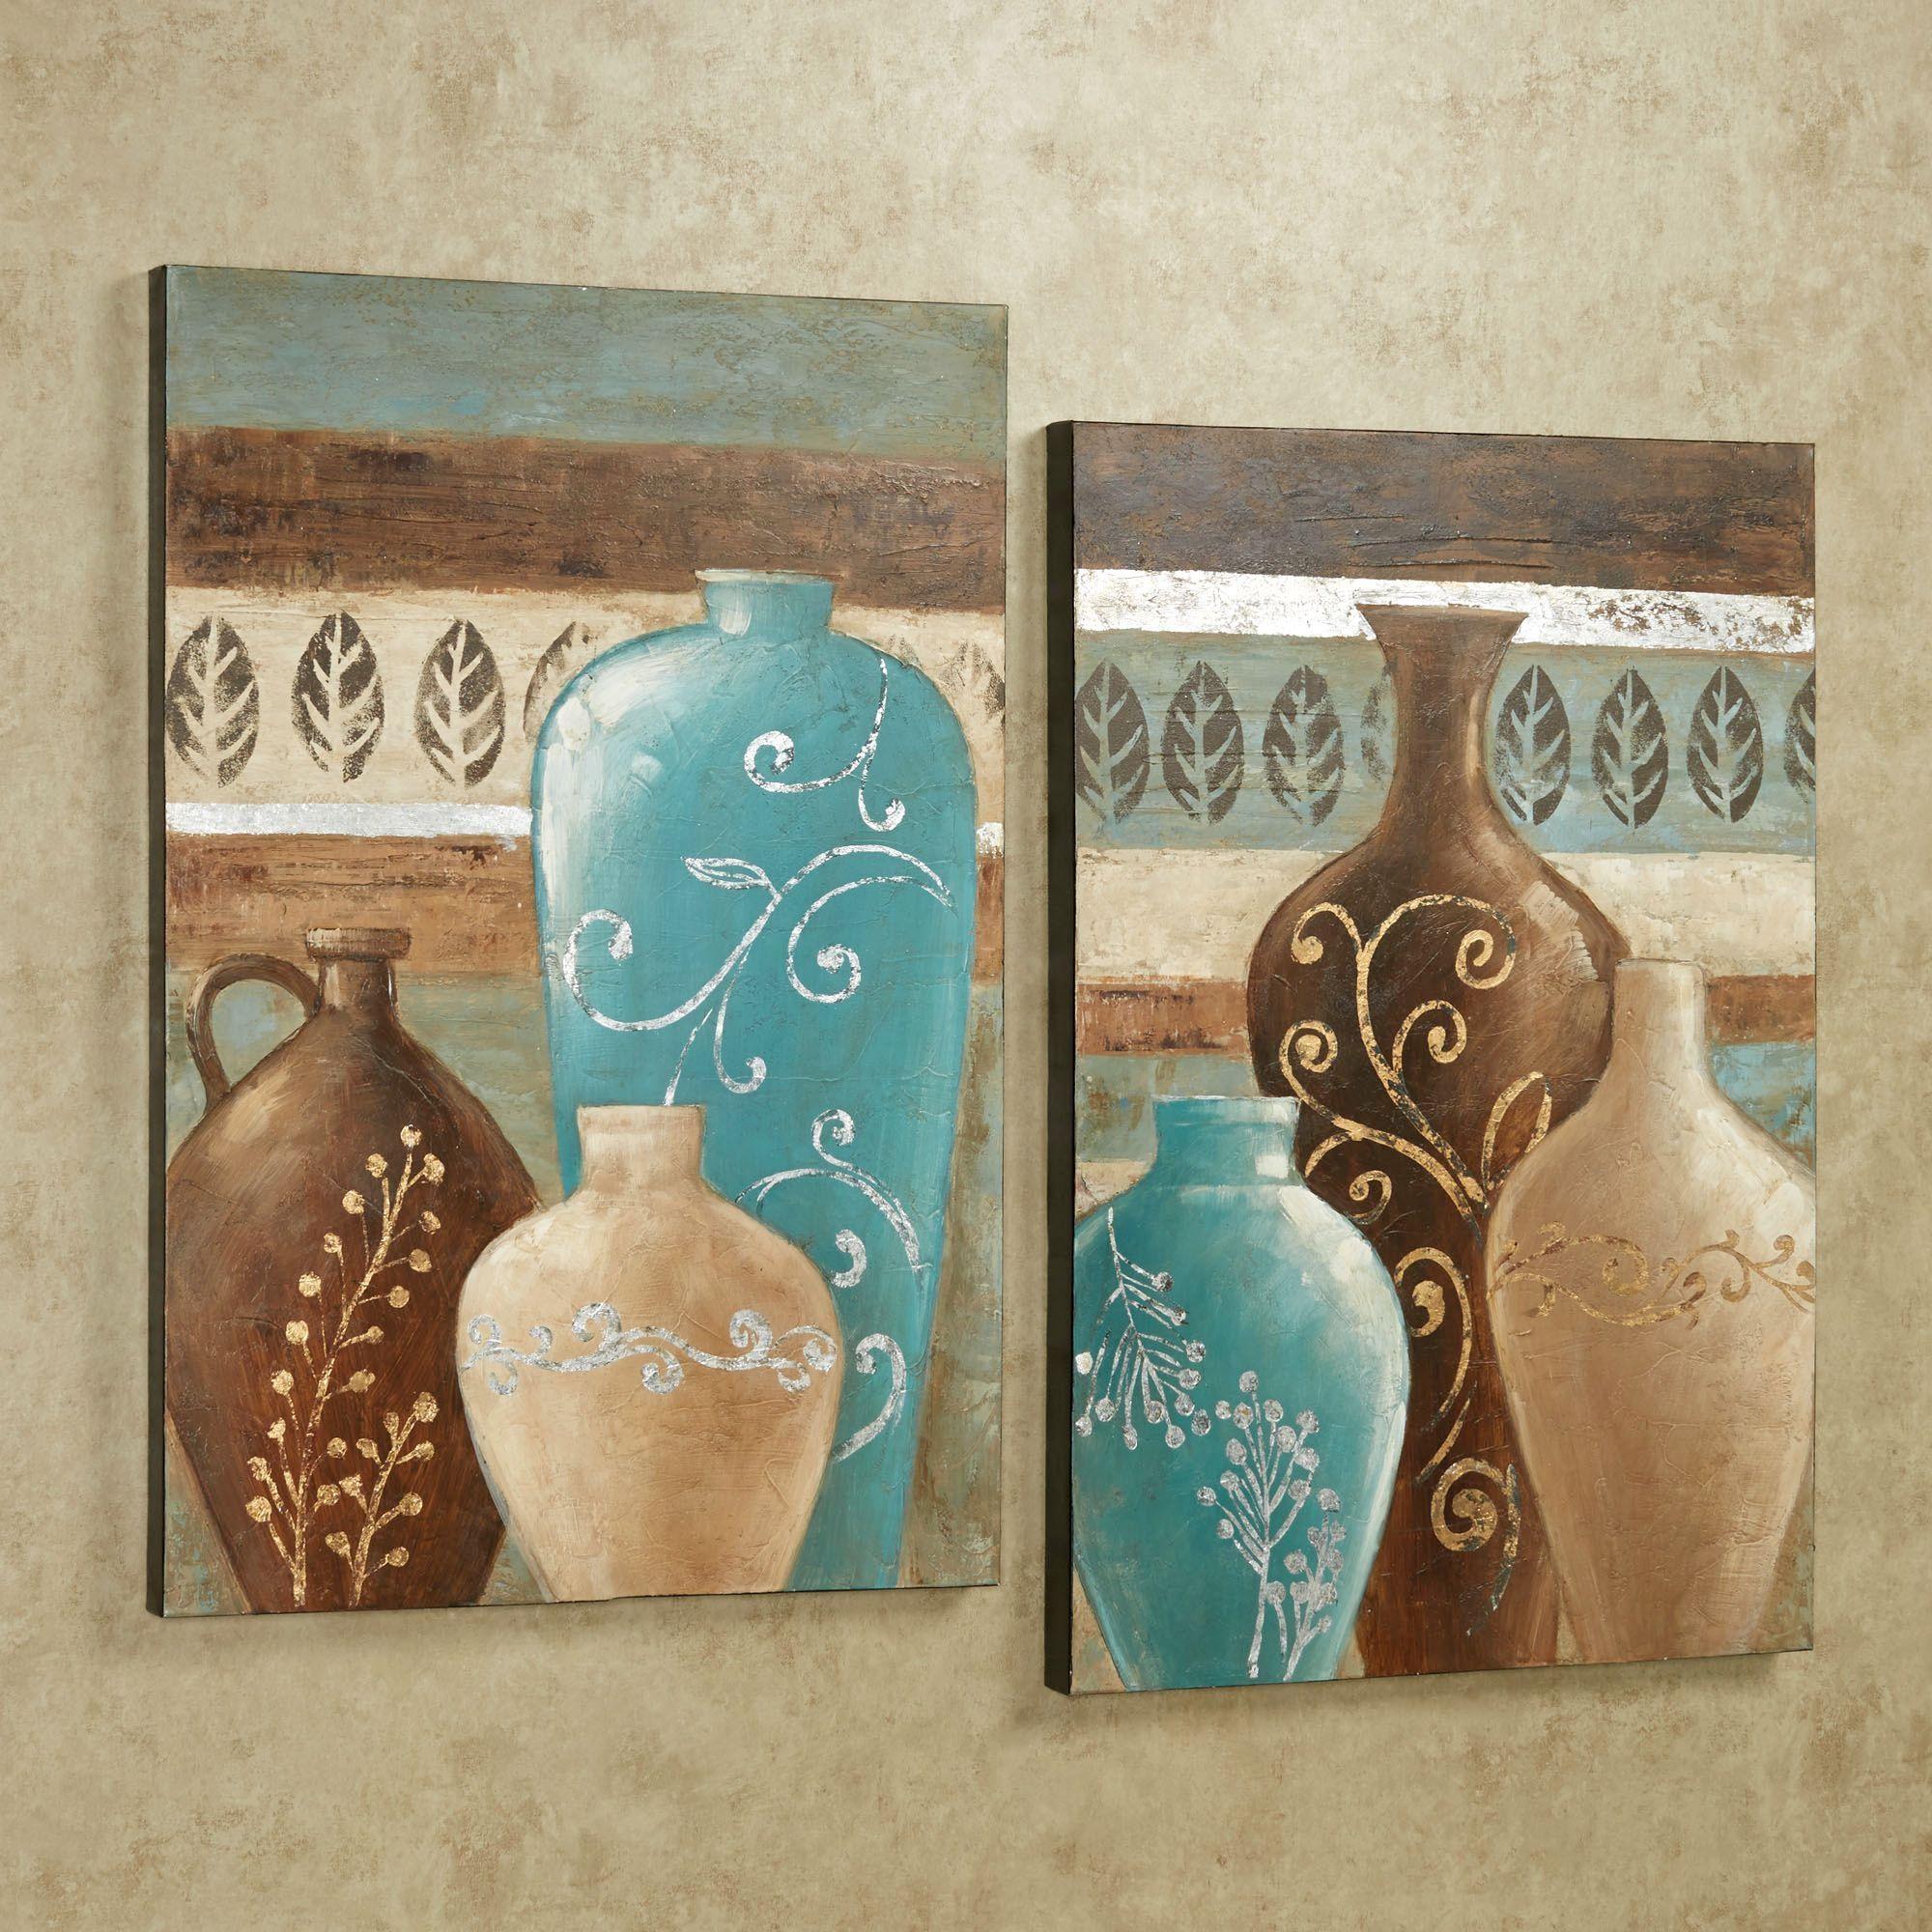 Wall Art Designs: Wall Art Sets Themed Canvas Art Touch Of Class Regarding Matching Wall Art (Image 19 of 20)